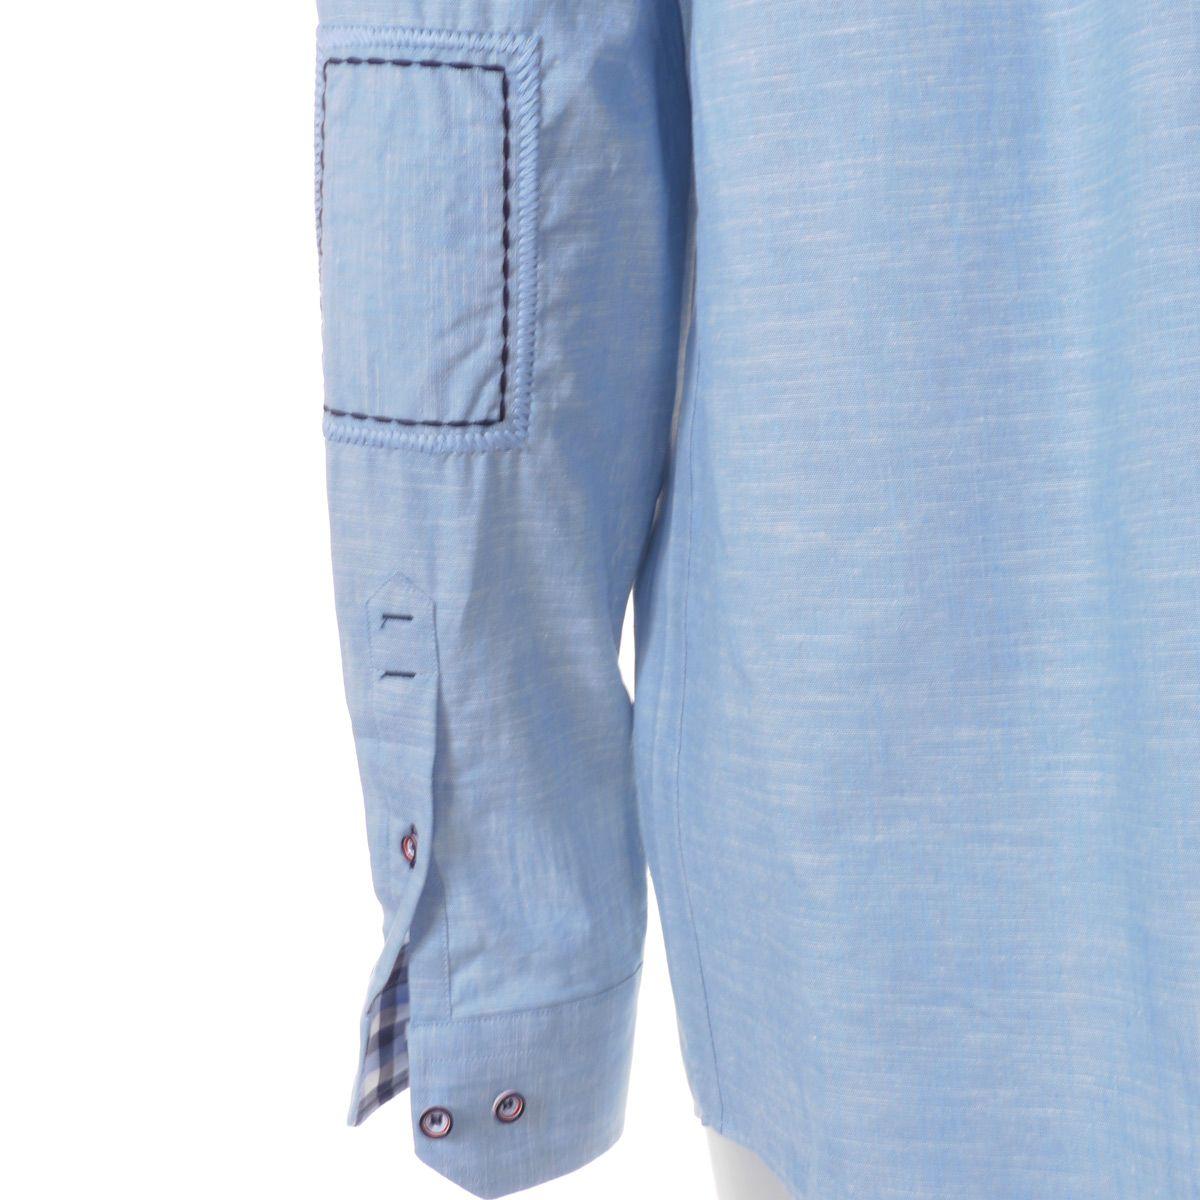 chemise en lin bleu pour homme grand manches extra longues 72 cm size factory oakman. Black Bedroom Furniture Sets. Home Design Ideas